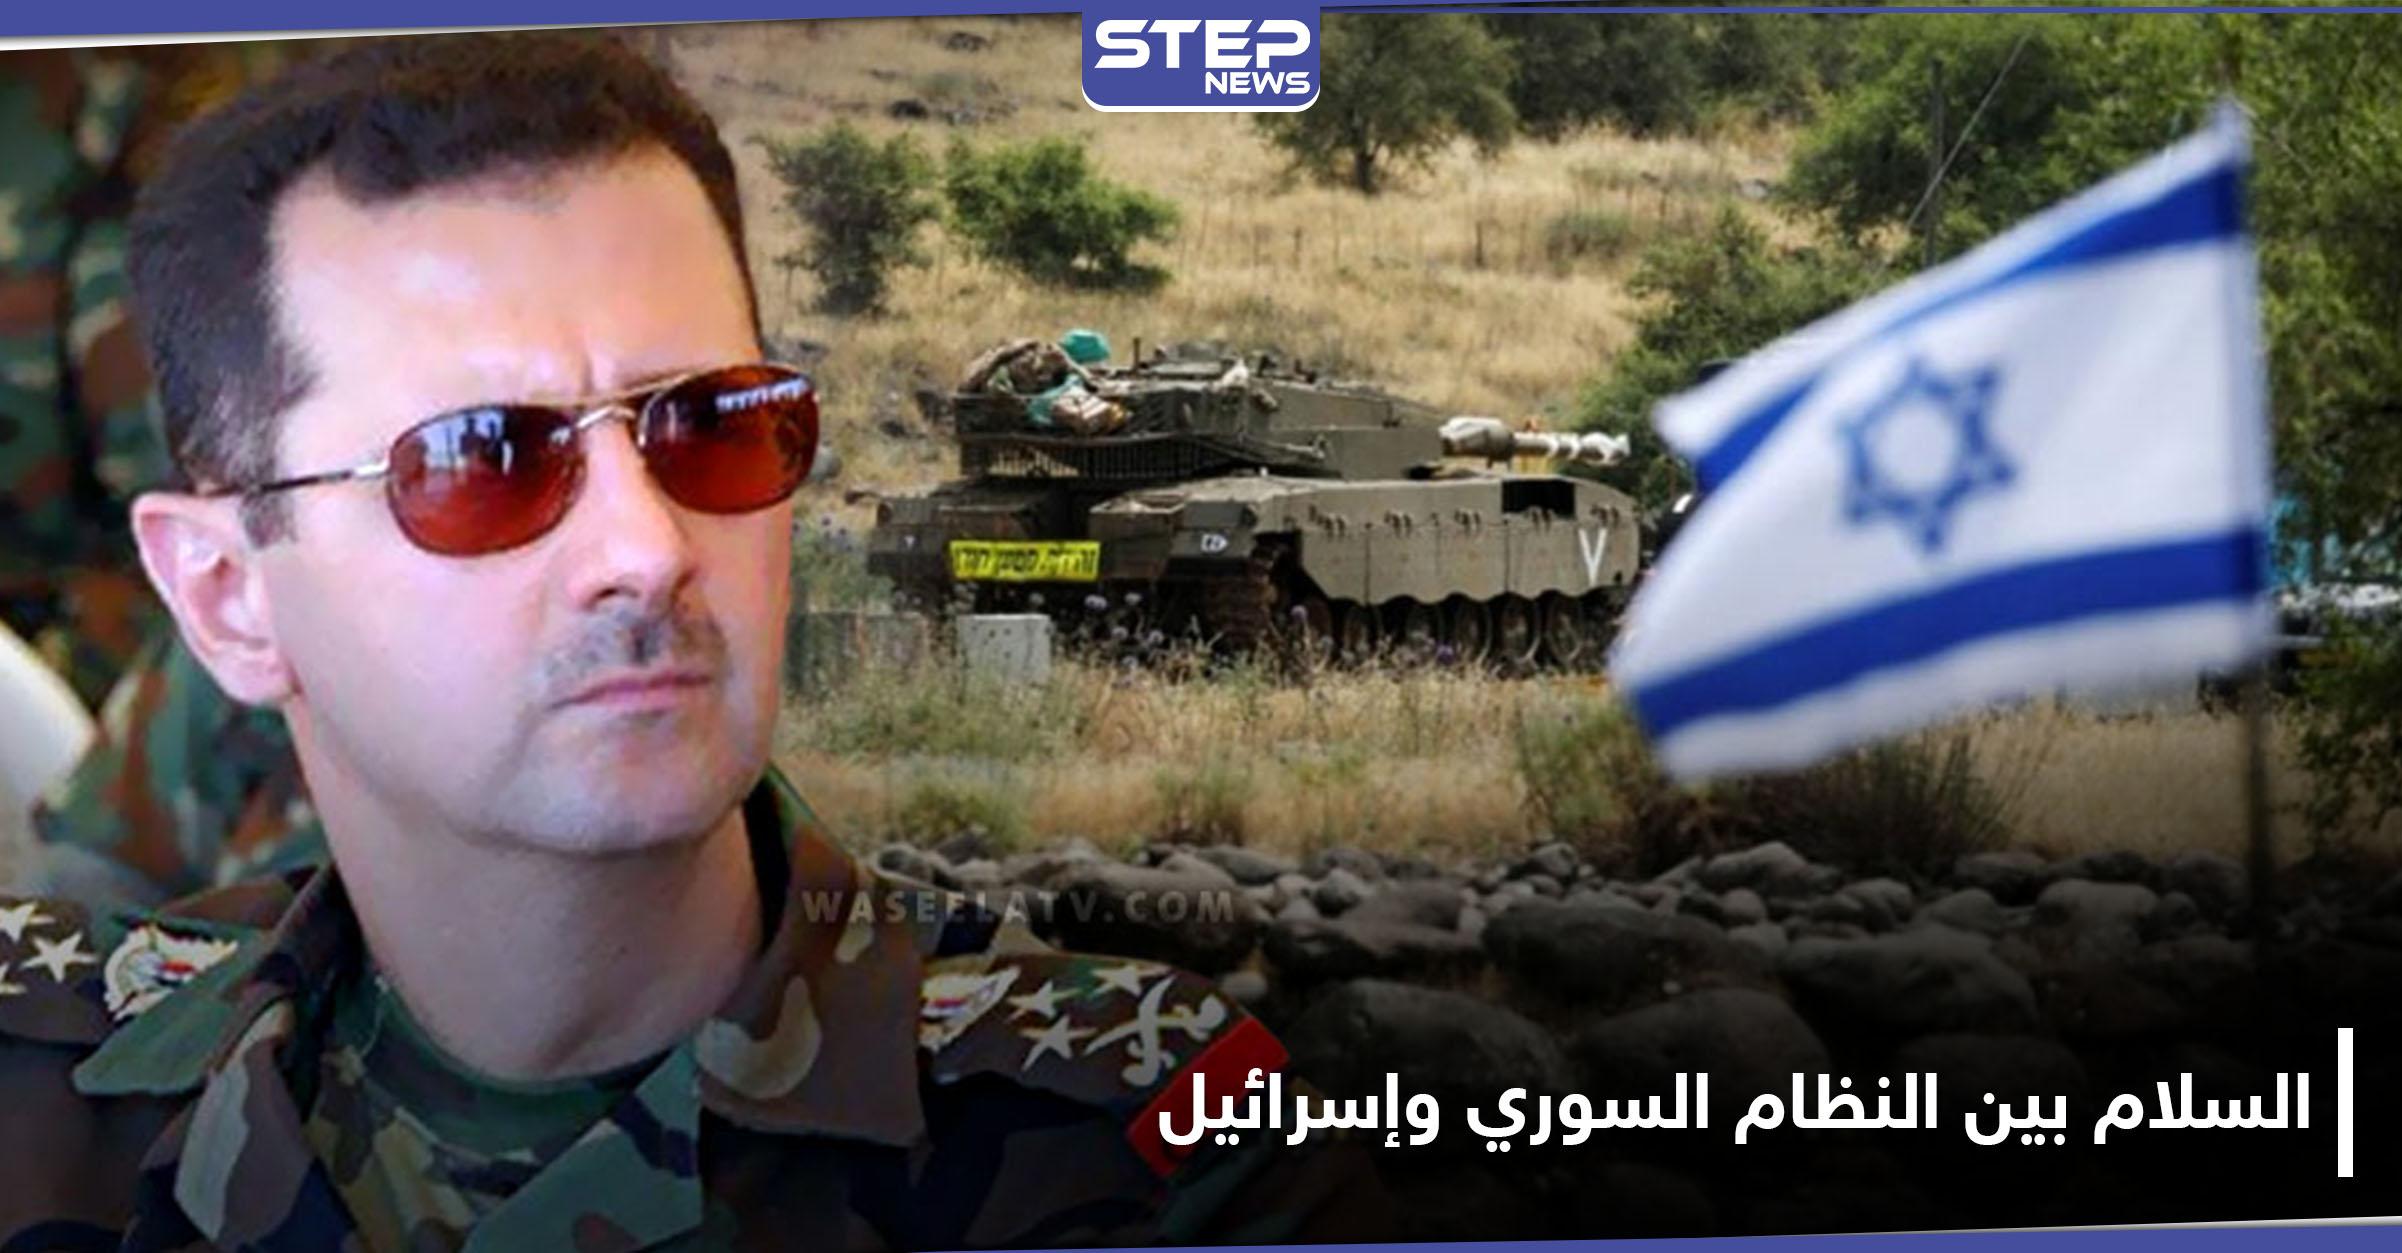 تداعيات السلام بين النظام السوري وإسرائيل